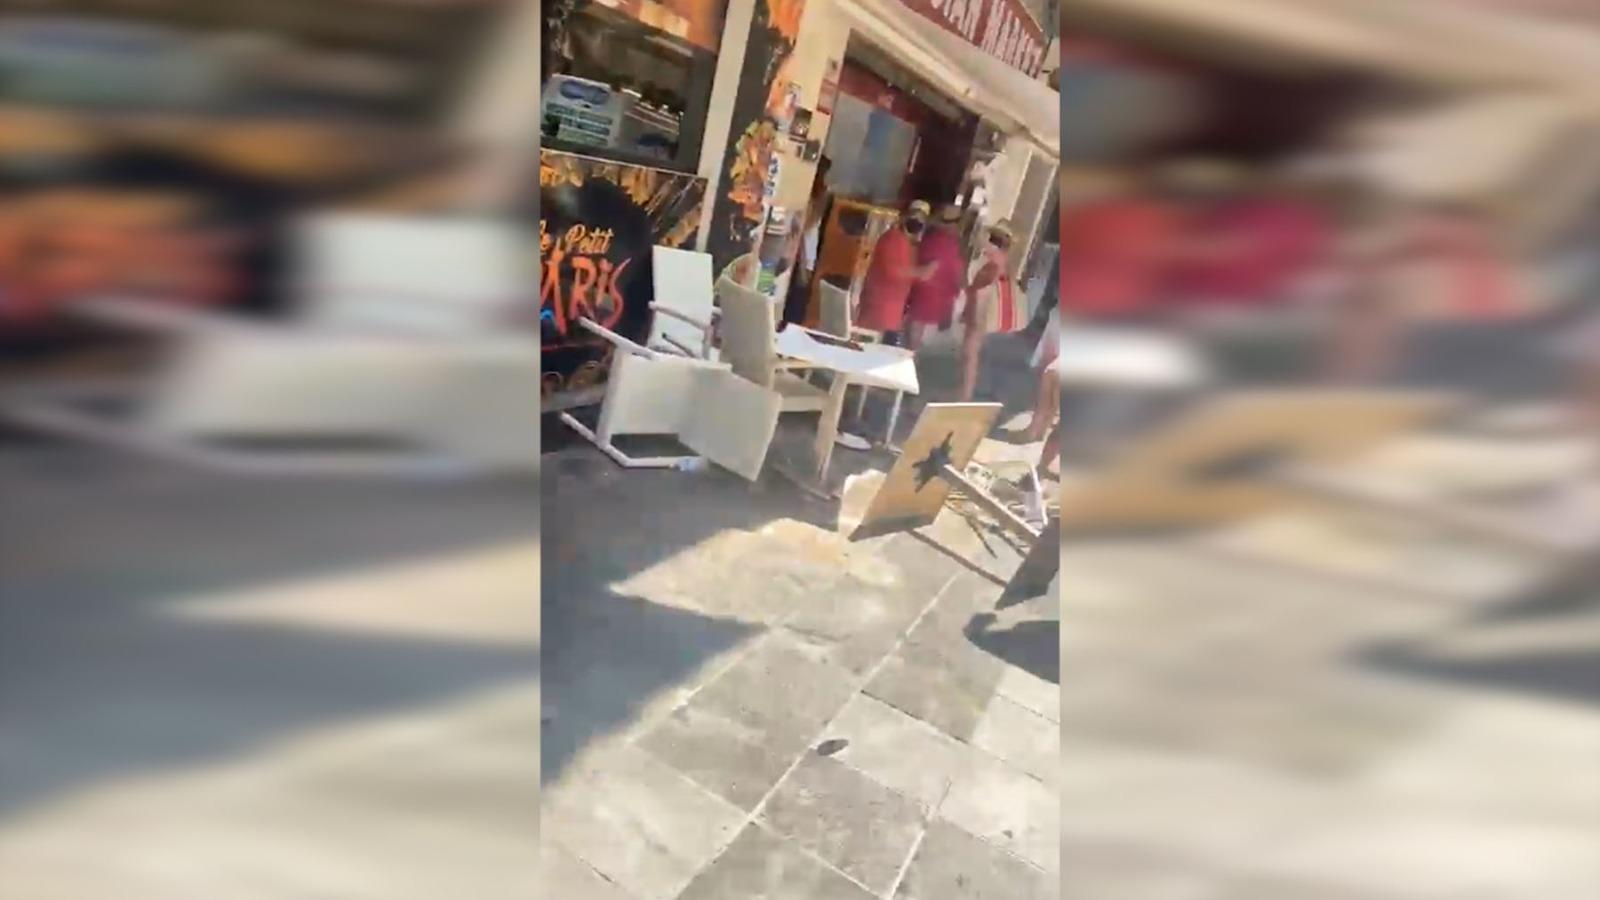 Este es el vídeo que muestra las consecuencias del atropello múltiple en Marbella.